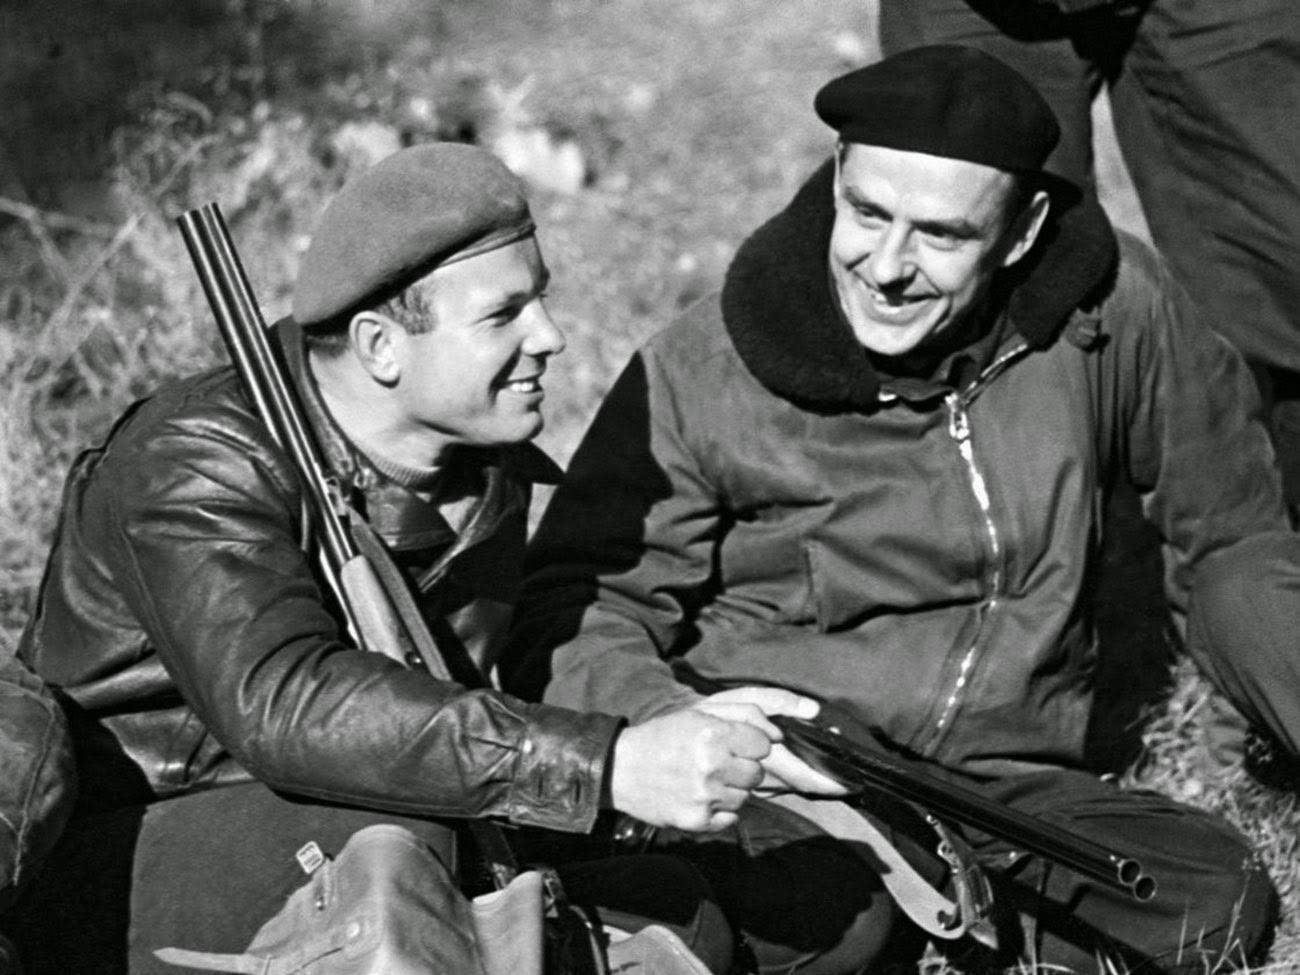 yuri gagarin and vladimir komarov - photo #4